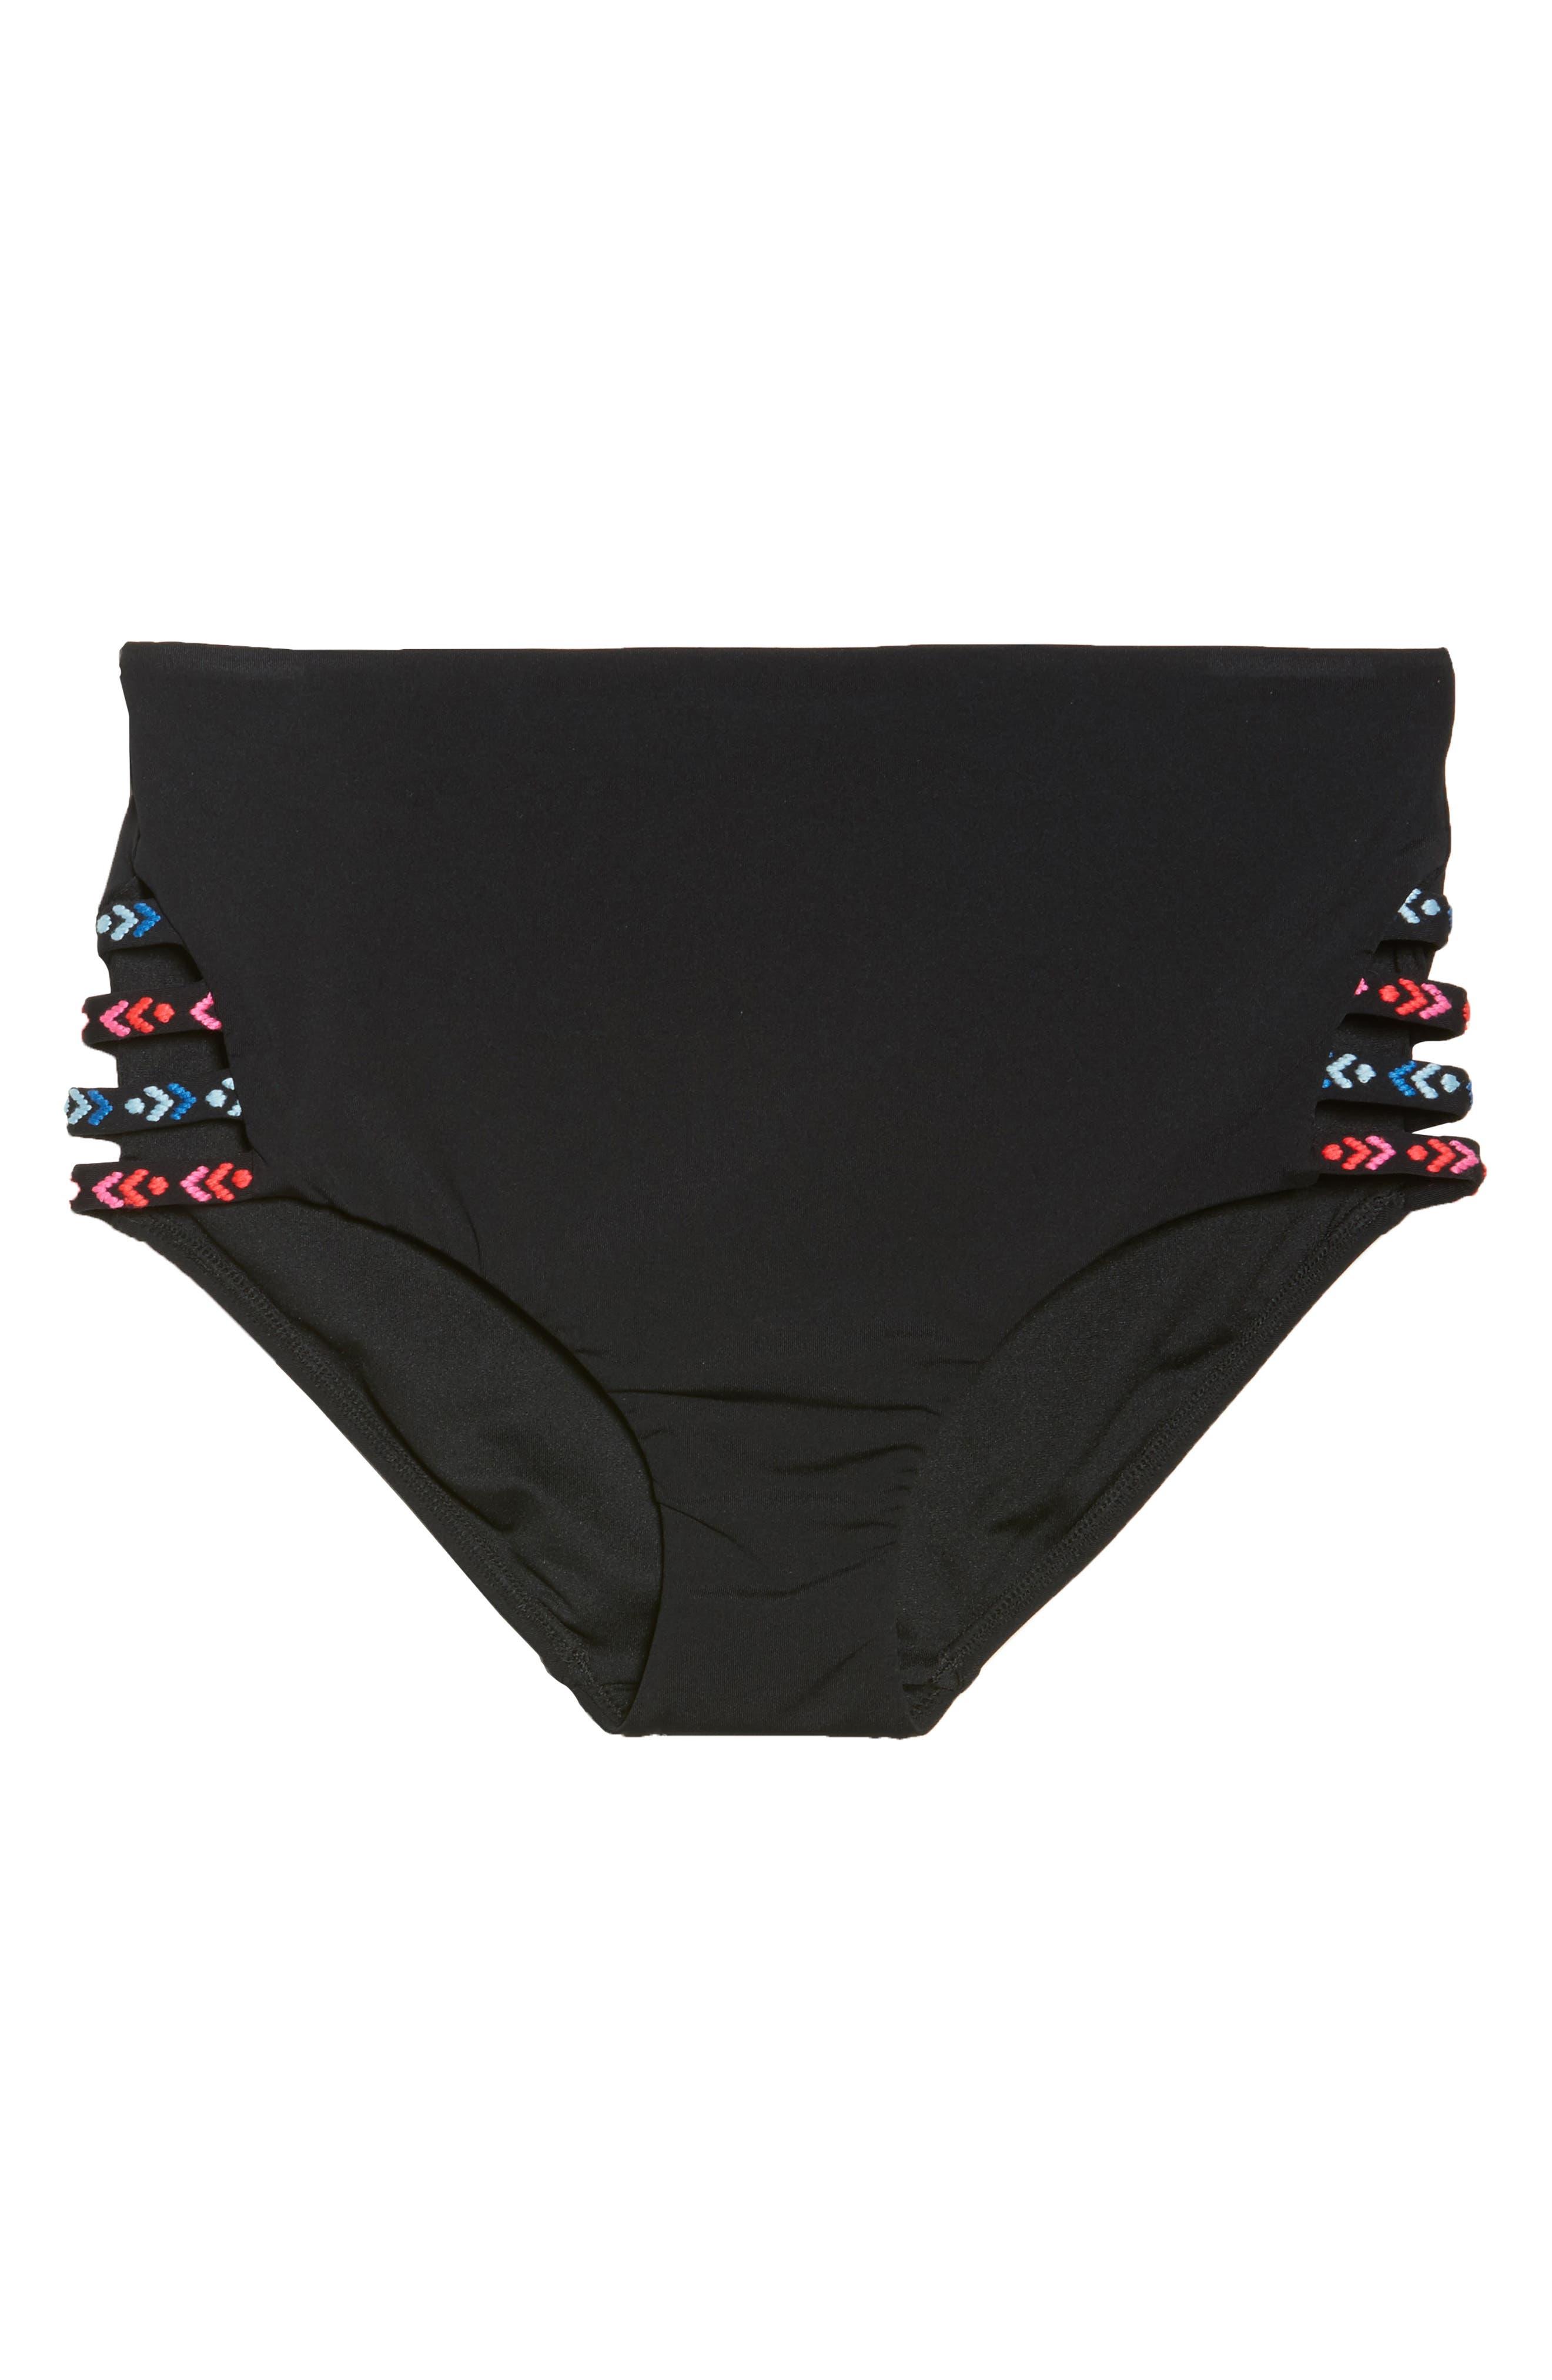 Desert Tribe High Waist Bikini Bottoms,                             Alternate thumbnail 9, color,                             Black